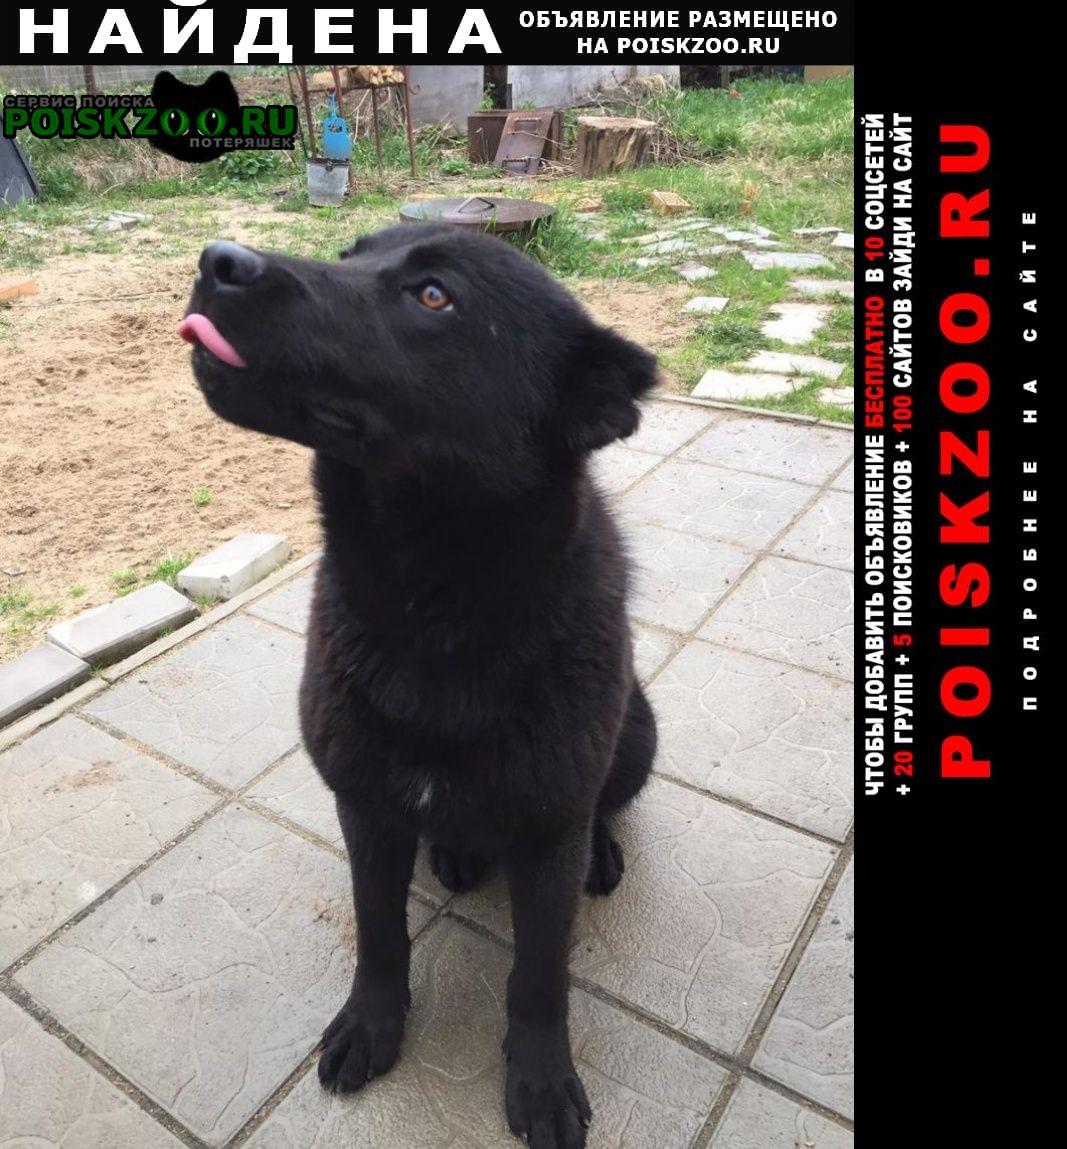 Найдена собака кобель снт росинка. большое саврасово. Видное